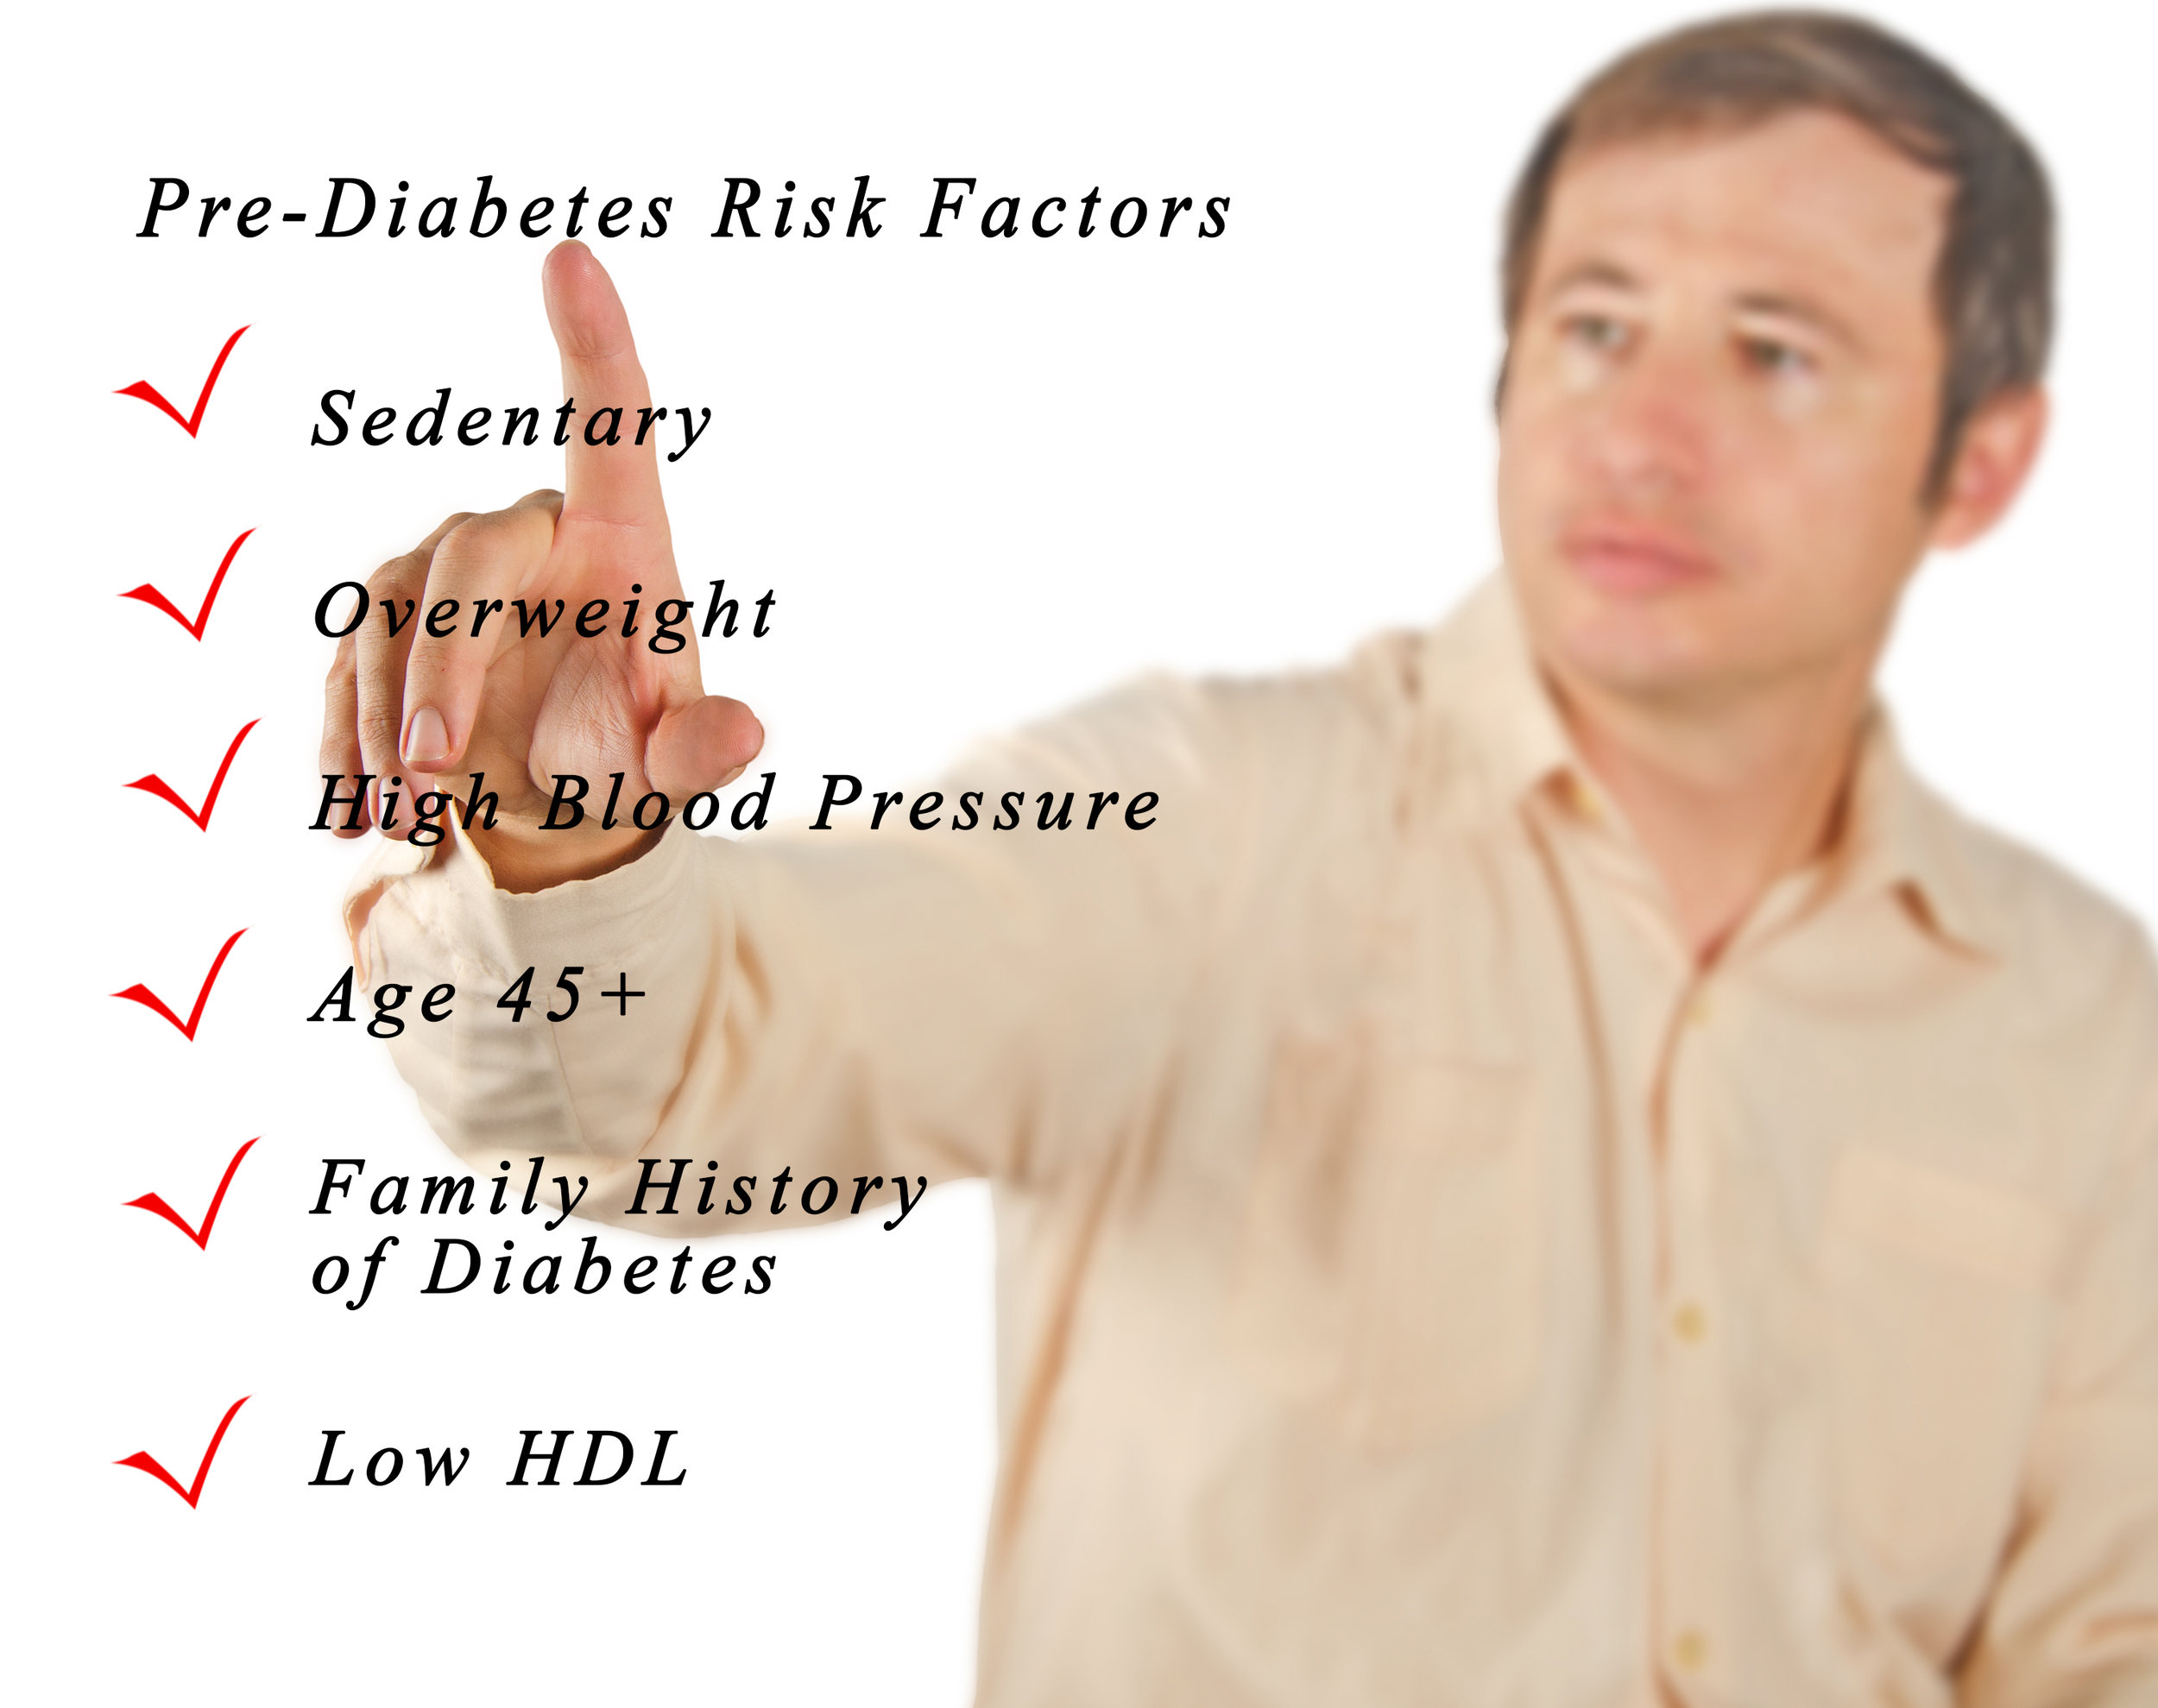 The Signs of Prediabetes.jpg